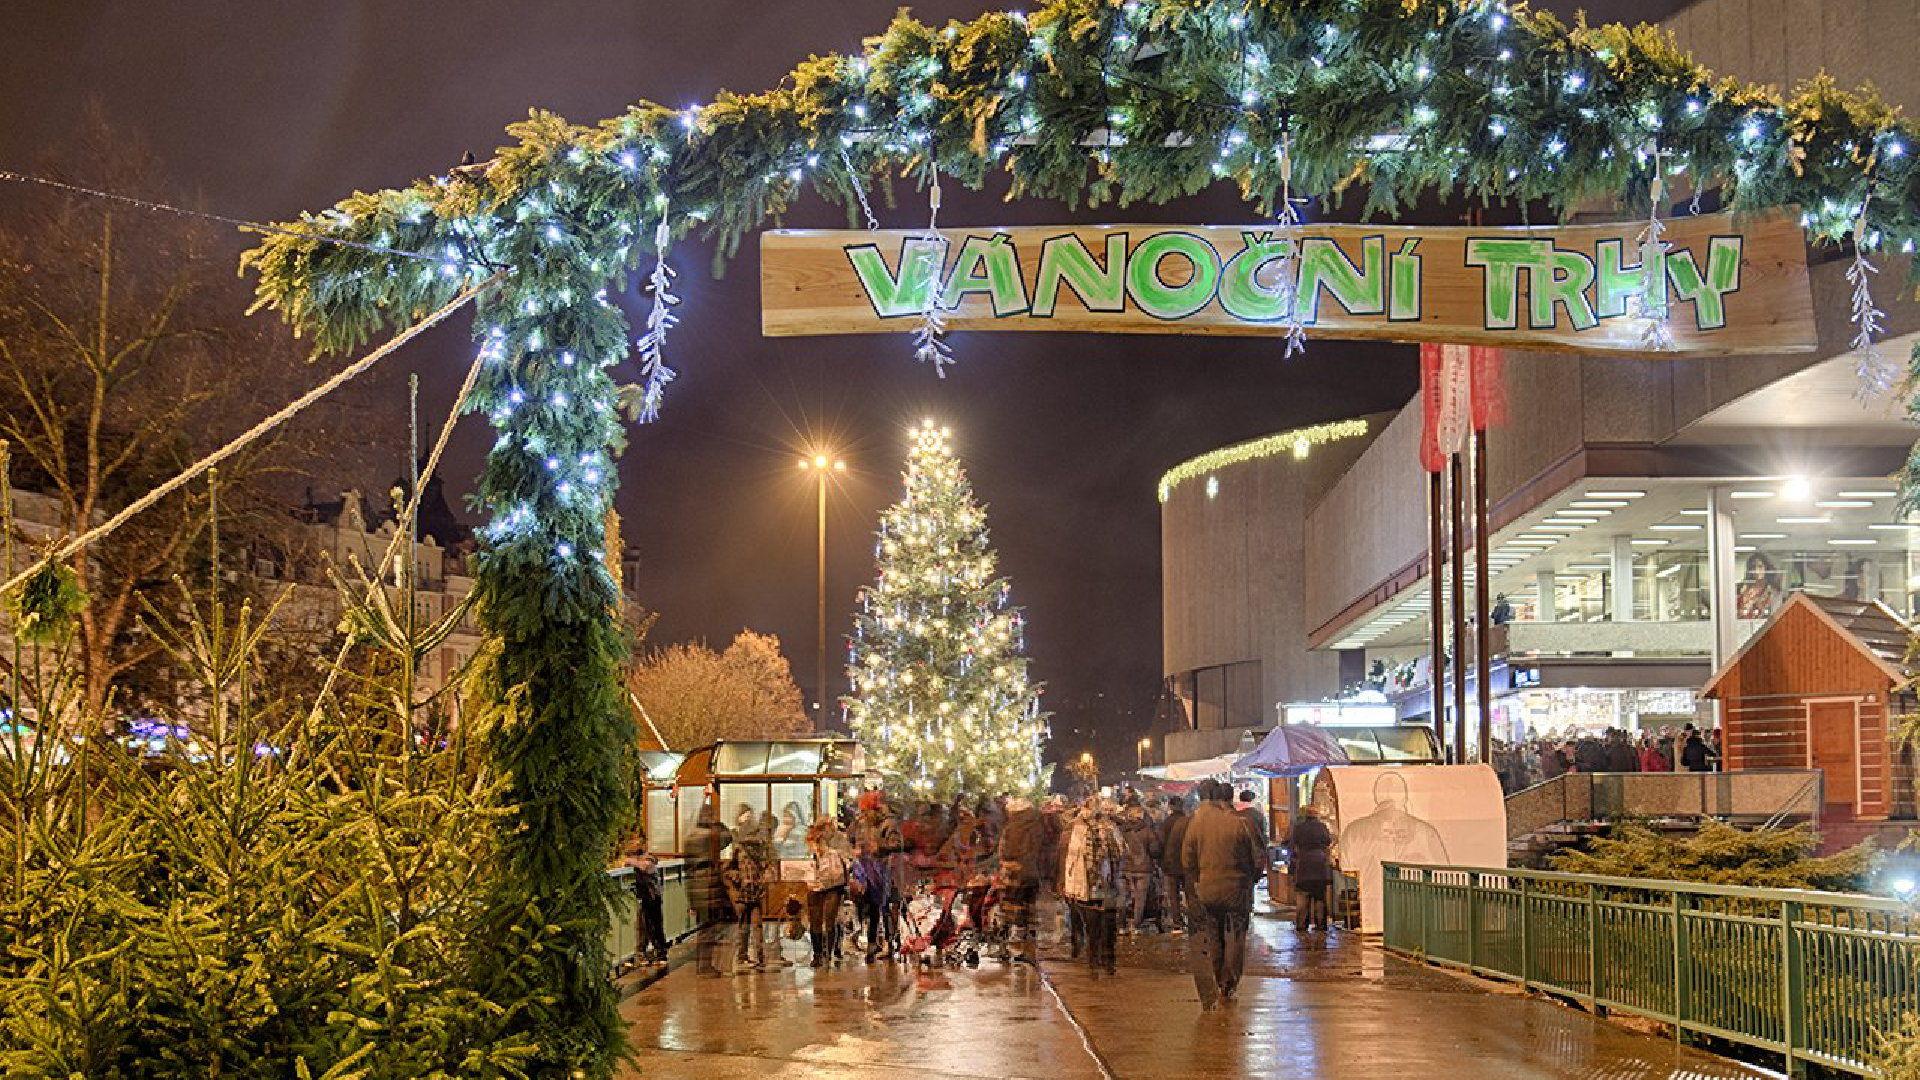 Vánoční trhy Karlovy Vary 2019 - Program a průvodce s tipy